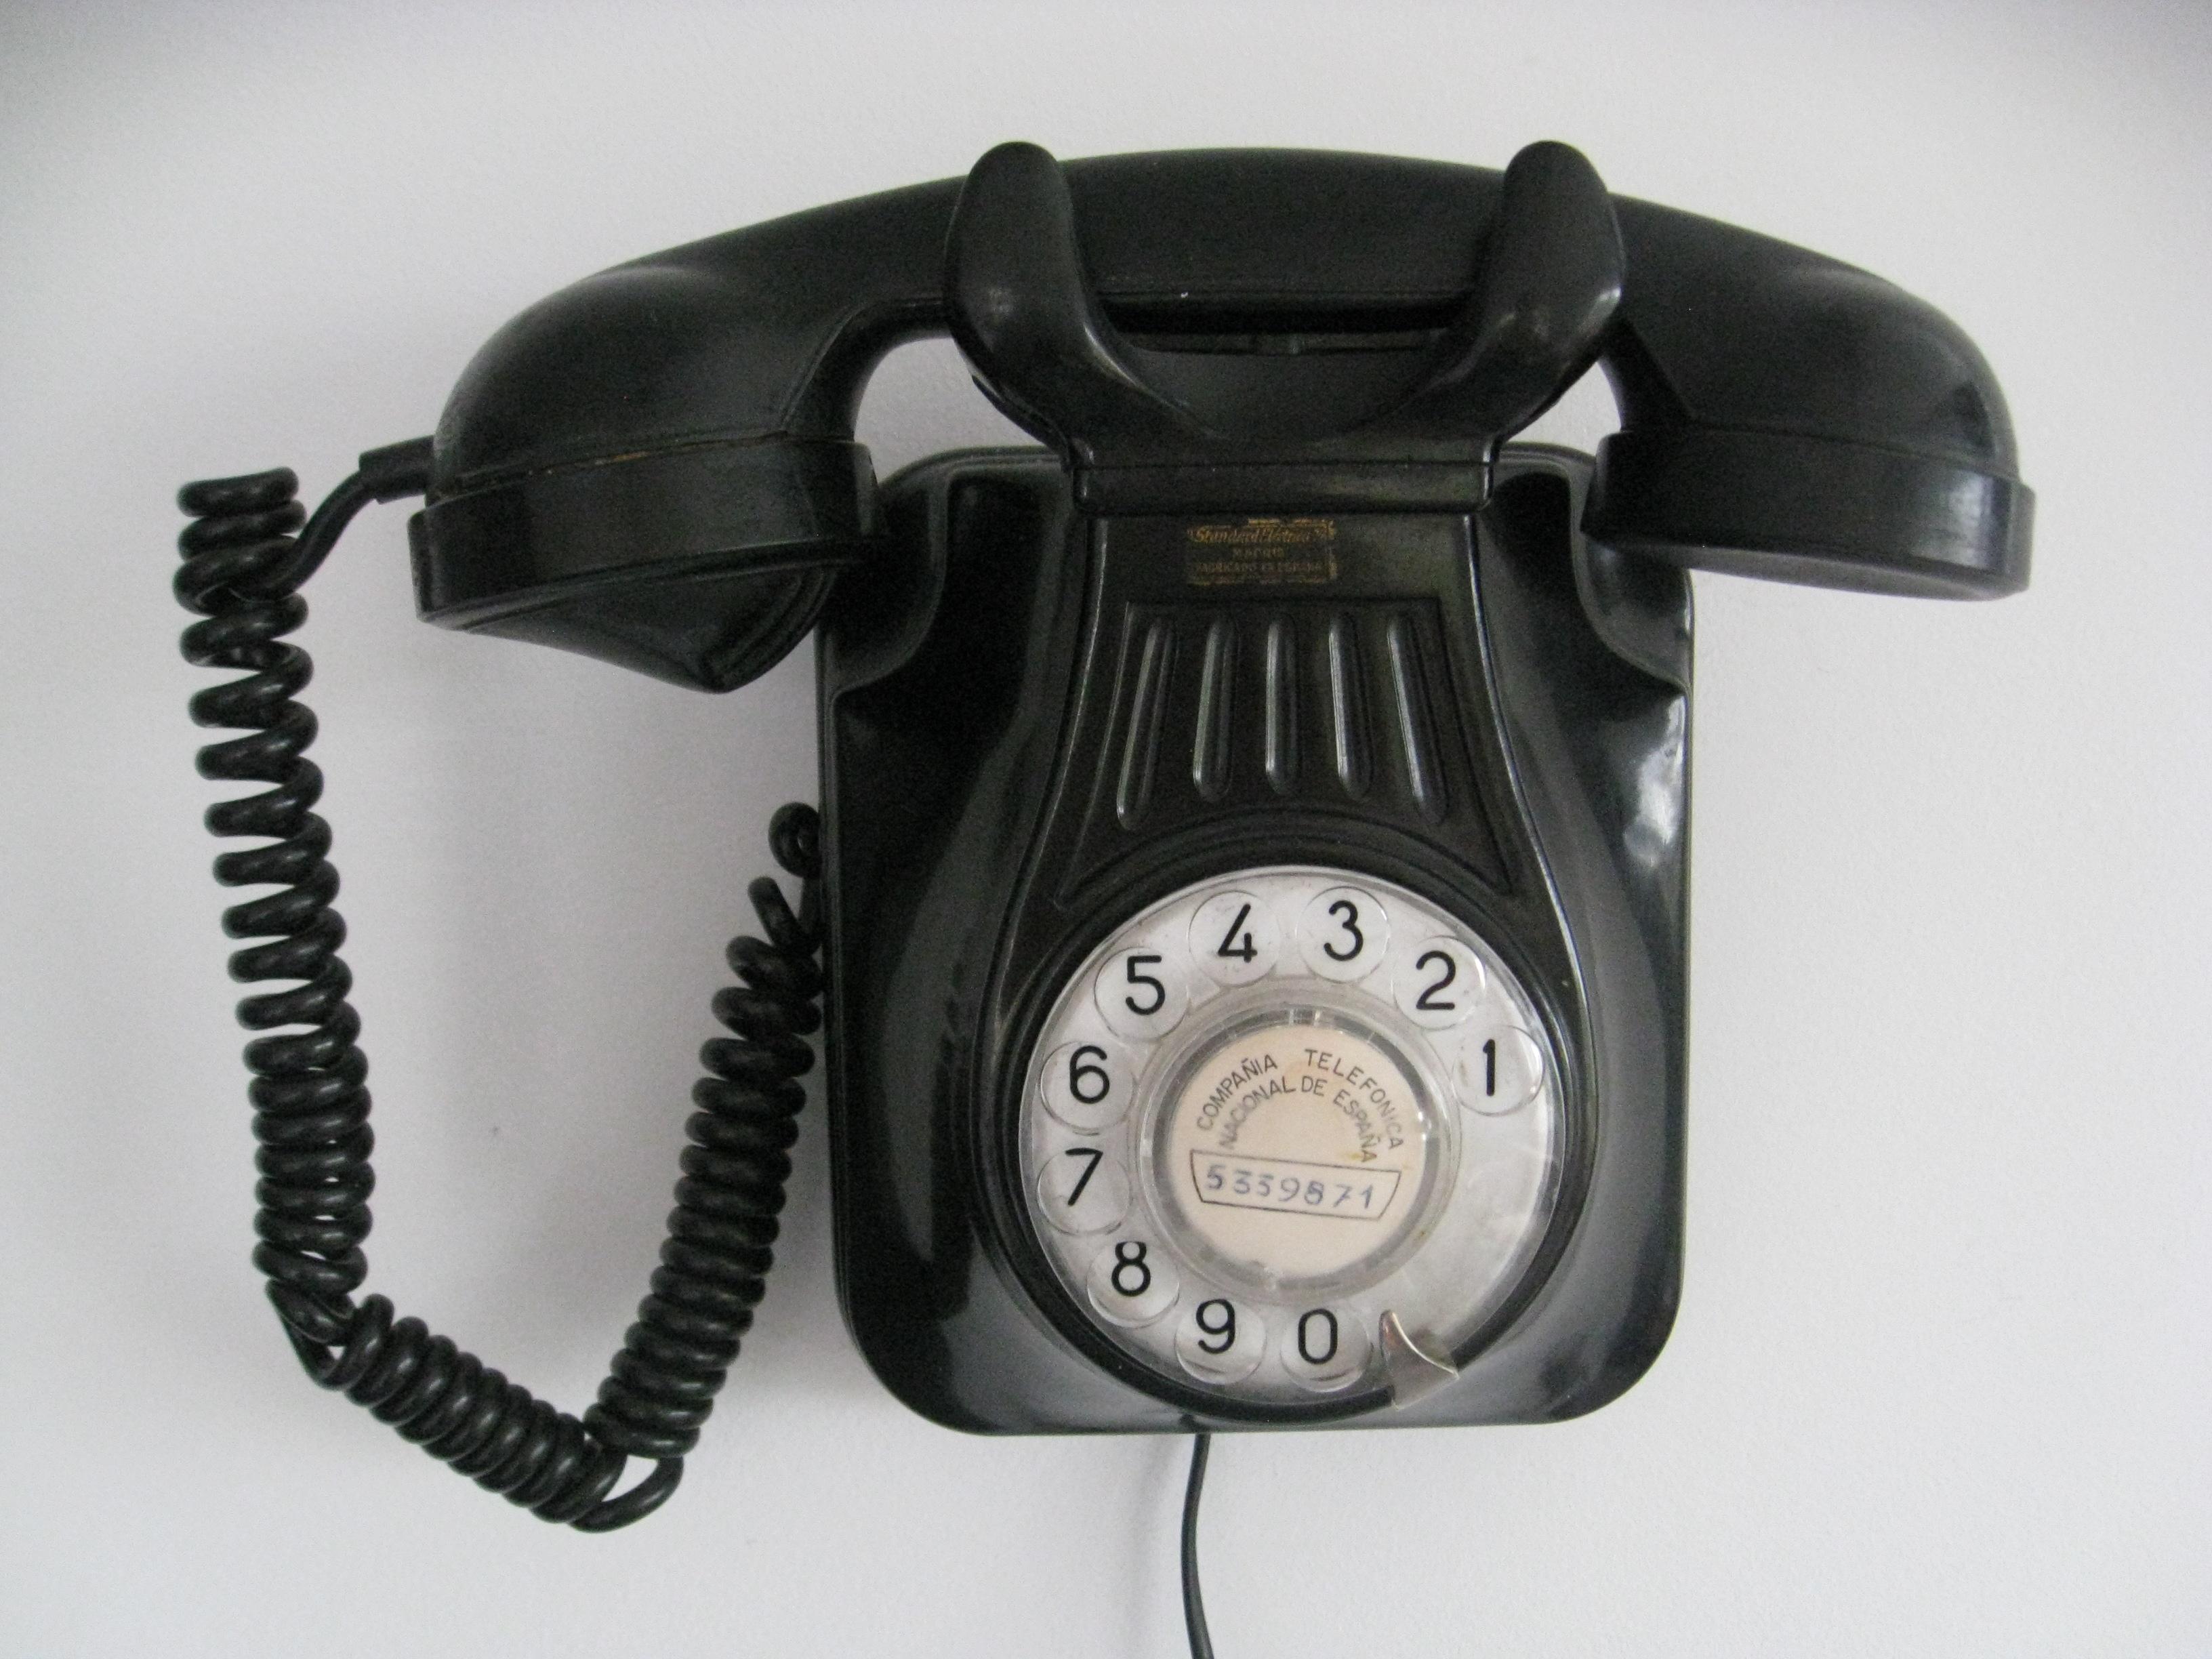 Venta de Radios Antiguas - Teléfono de CNTE años 50 Radioexperto.com